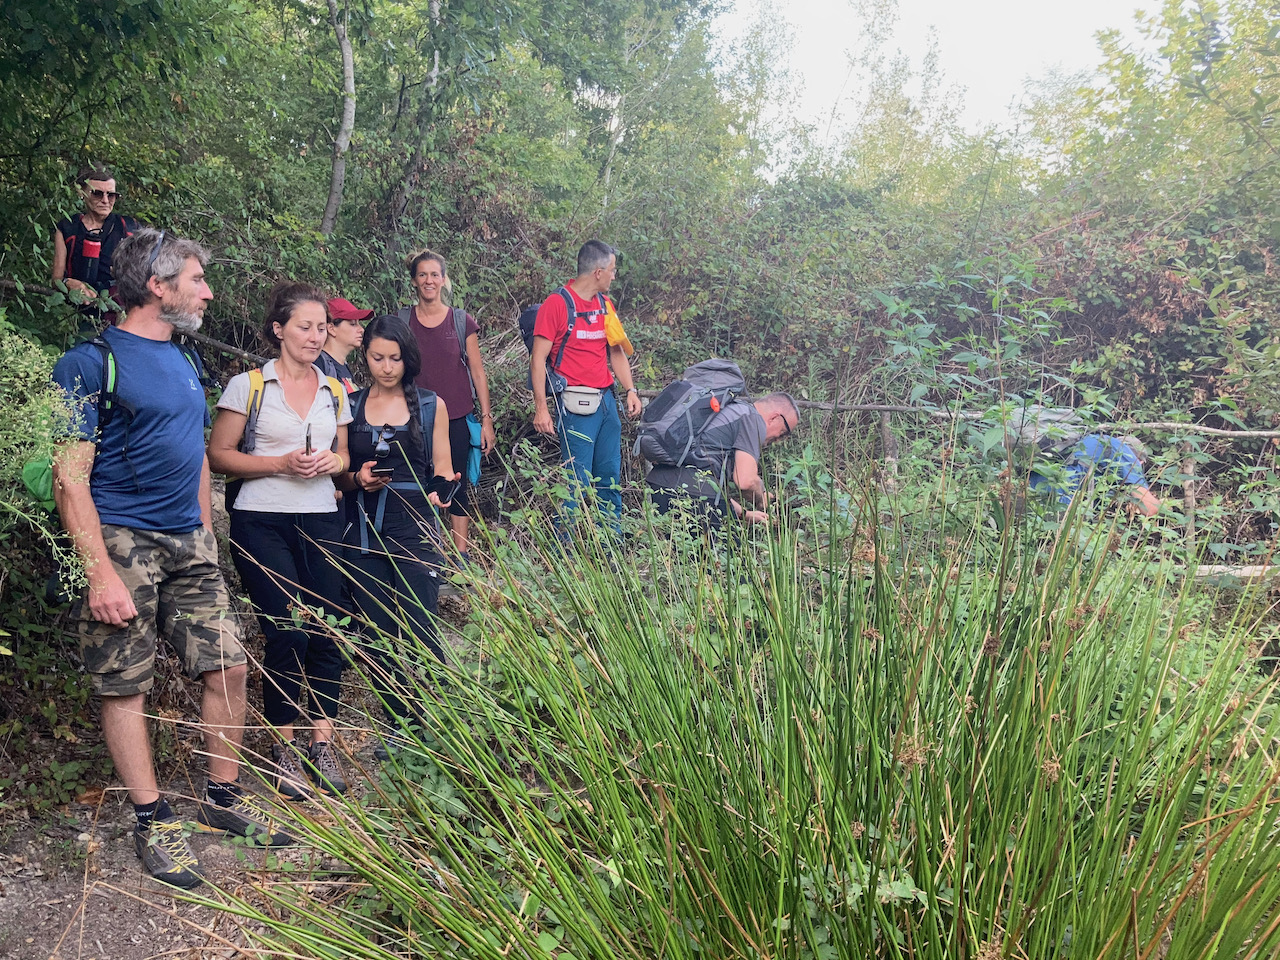 Corso per guide ambientali organizzato da un'agenzia formativa di Pistoia